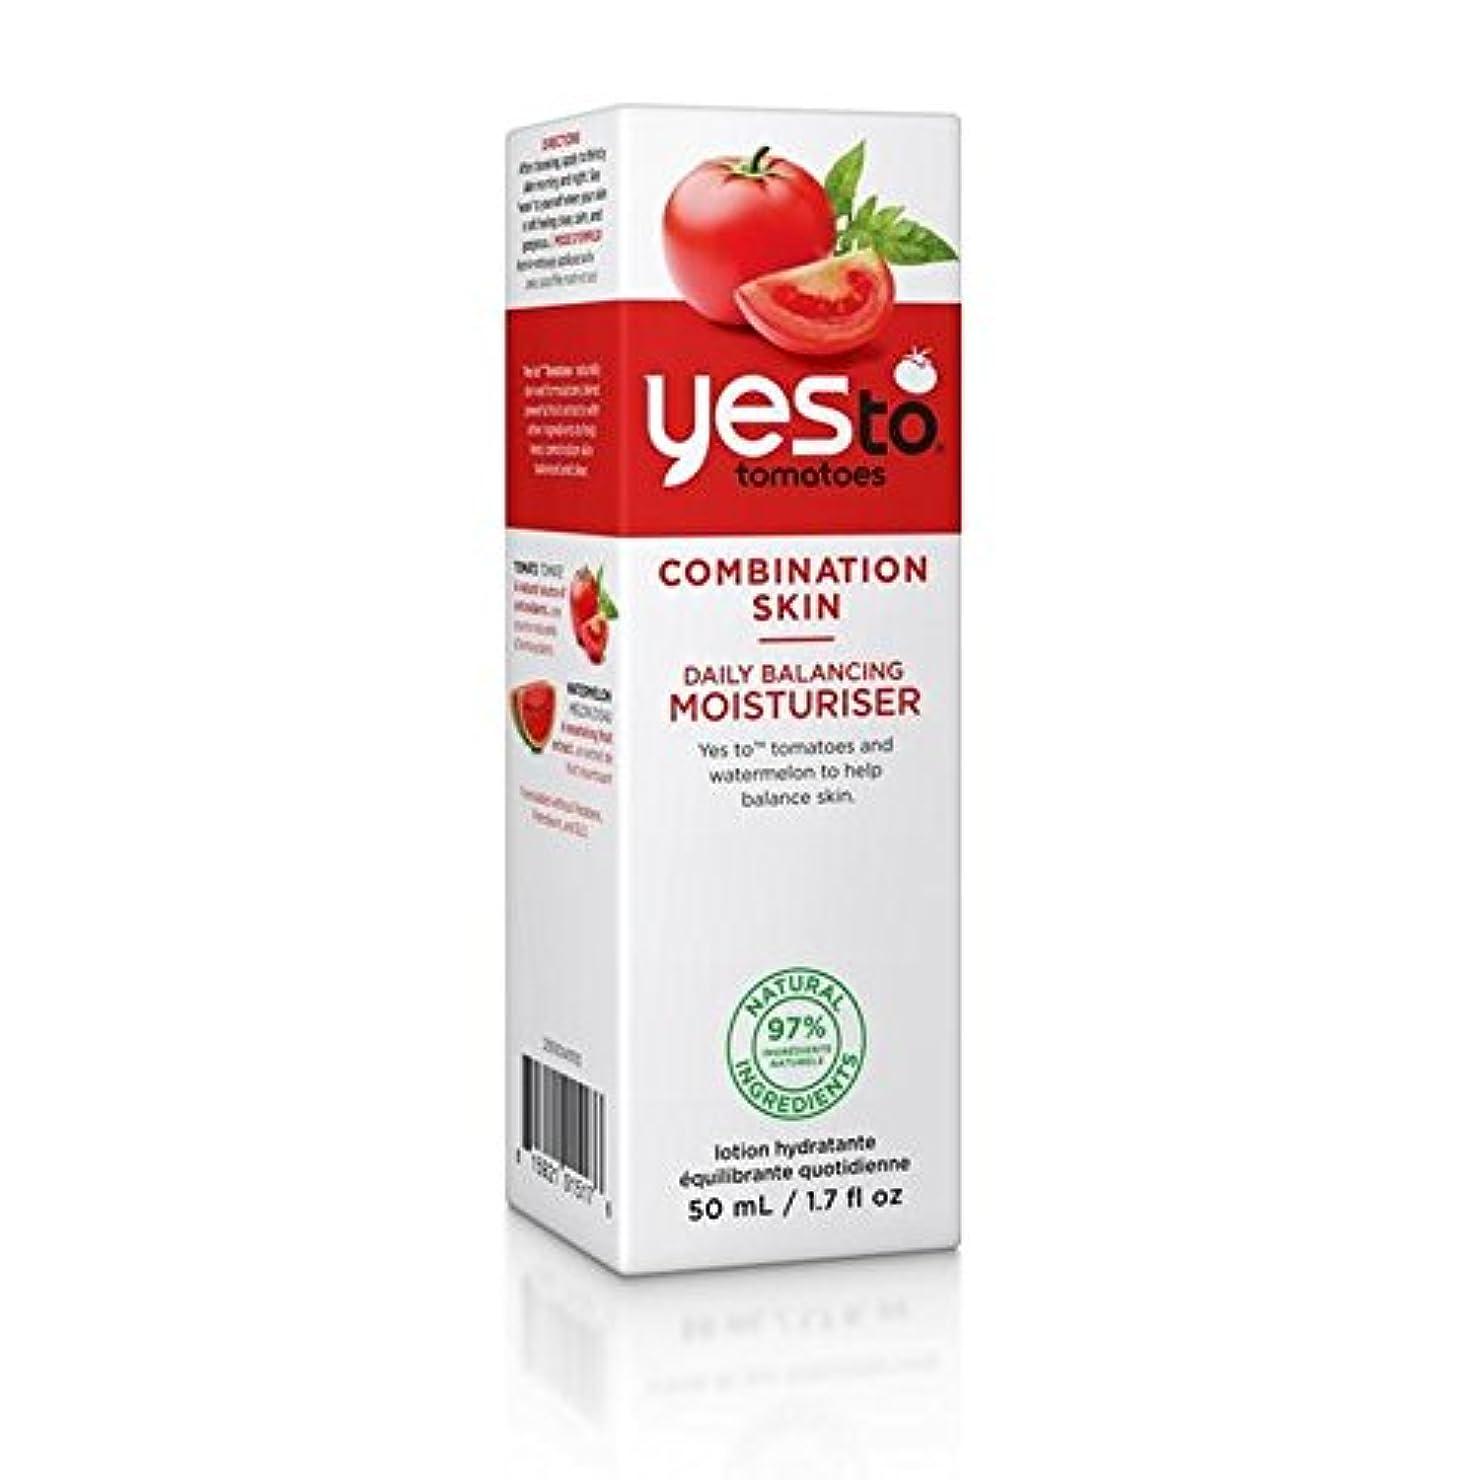 はいトマトに保湿50ミリリットル x2 - Yes to Tomatoes Moisturiser 50ml (Pack of 2) [並行輸入品]